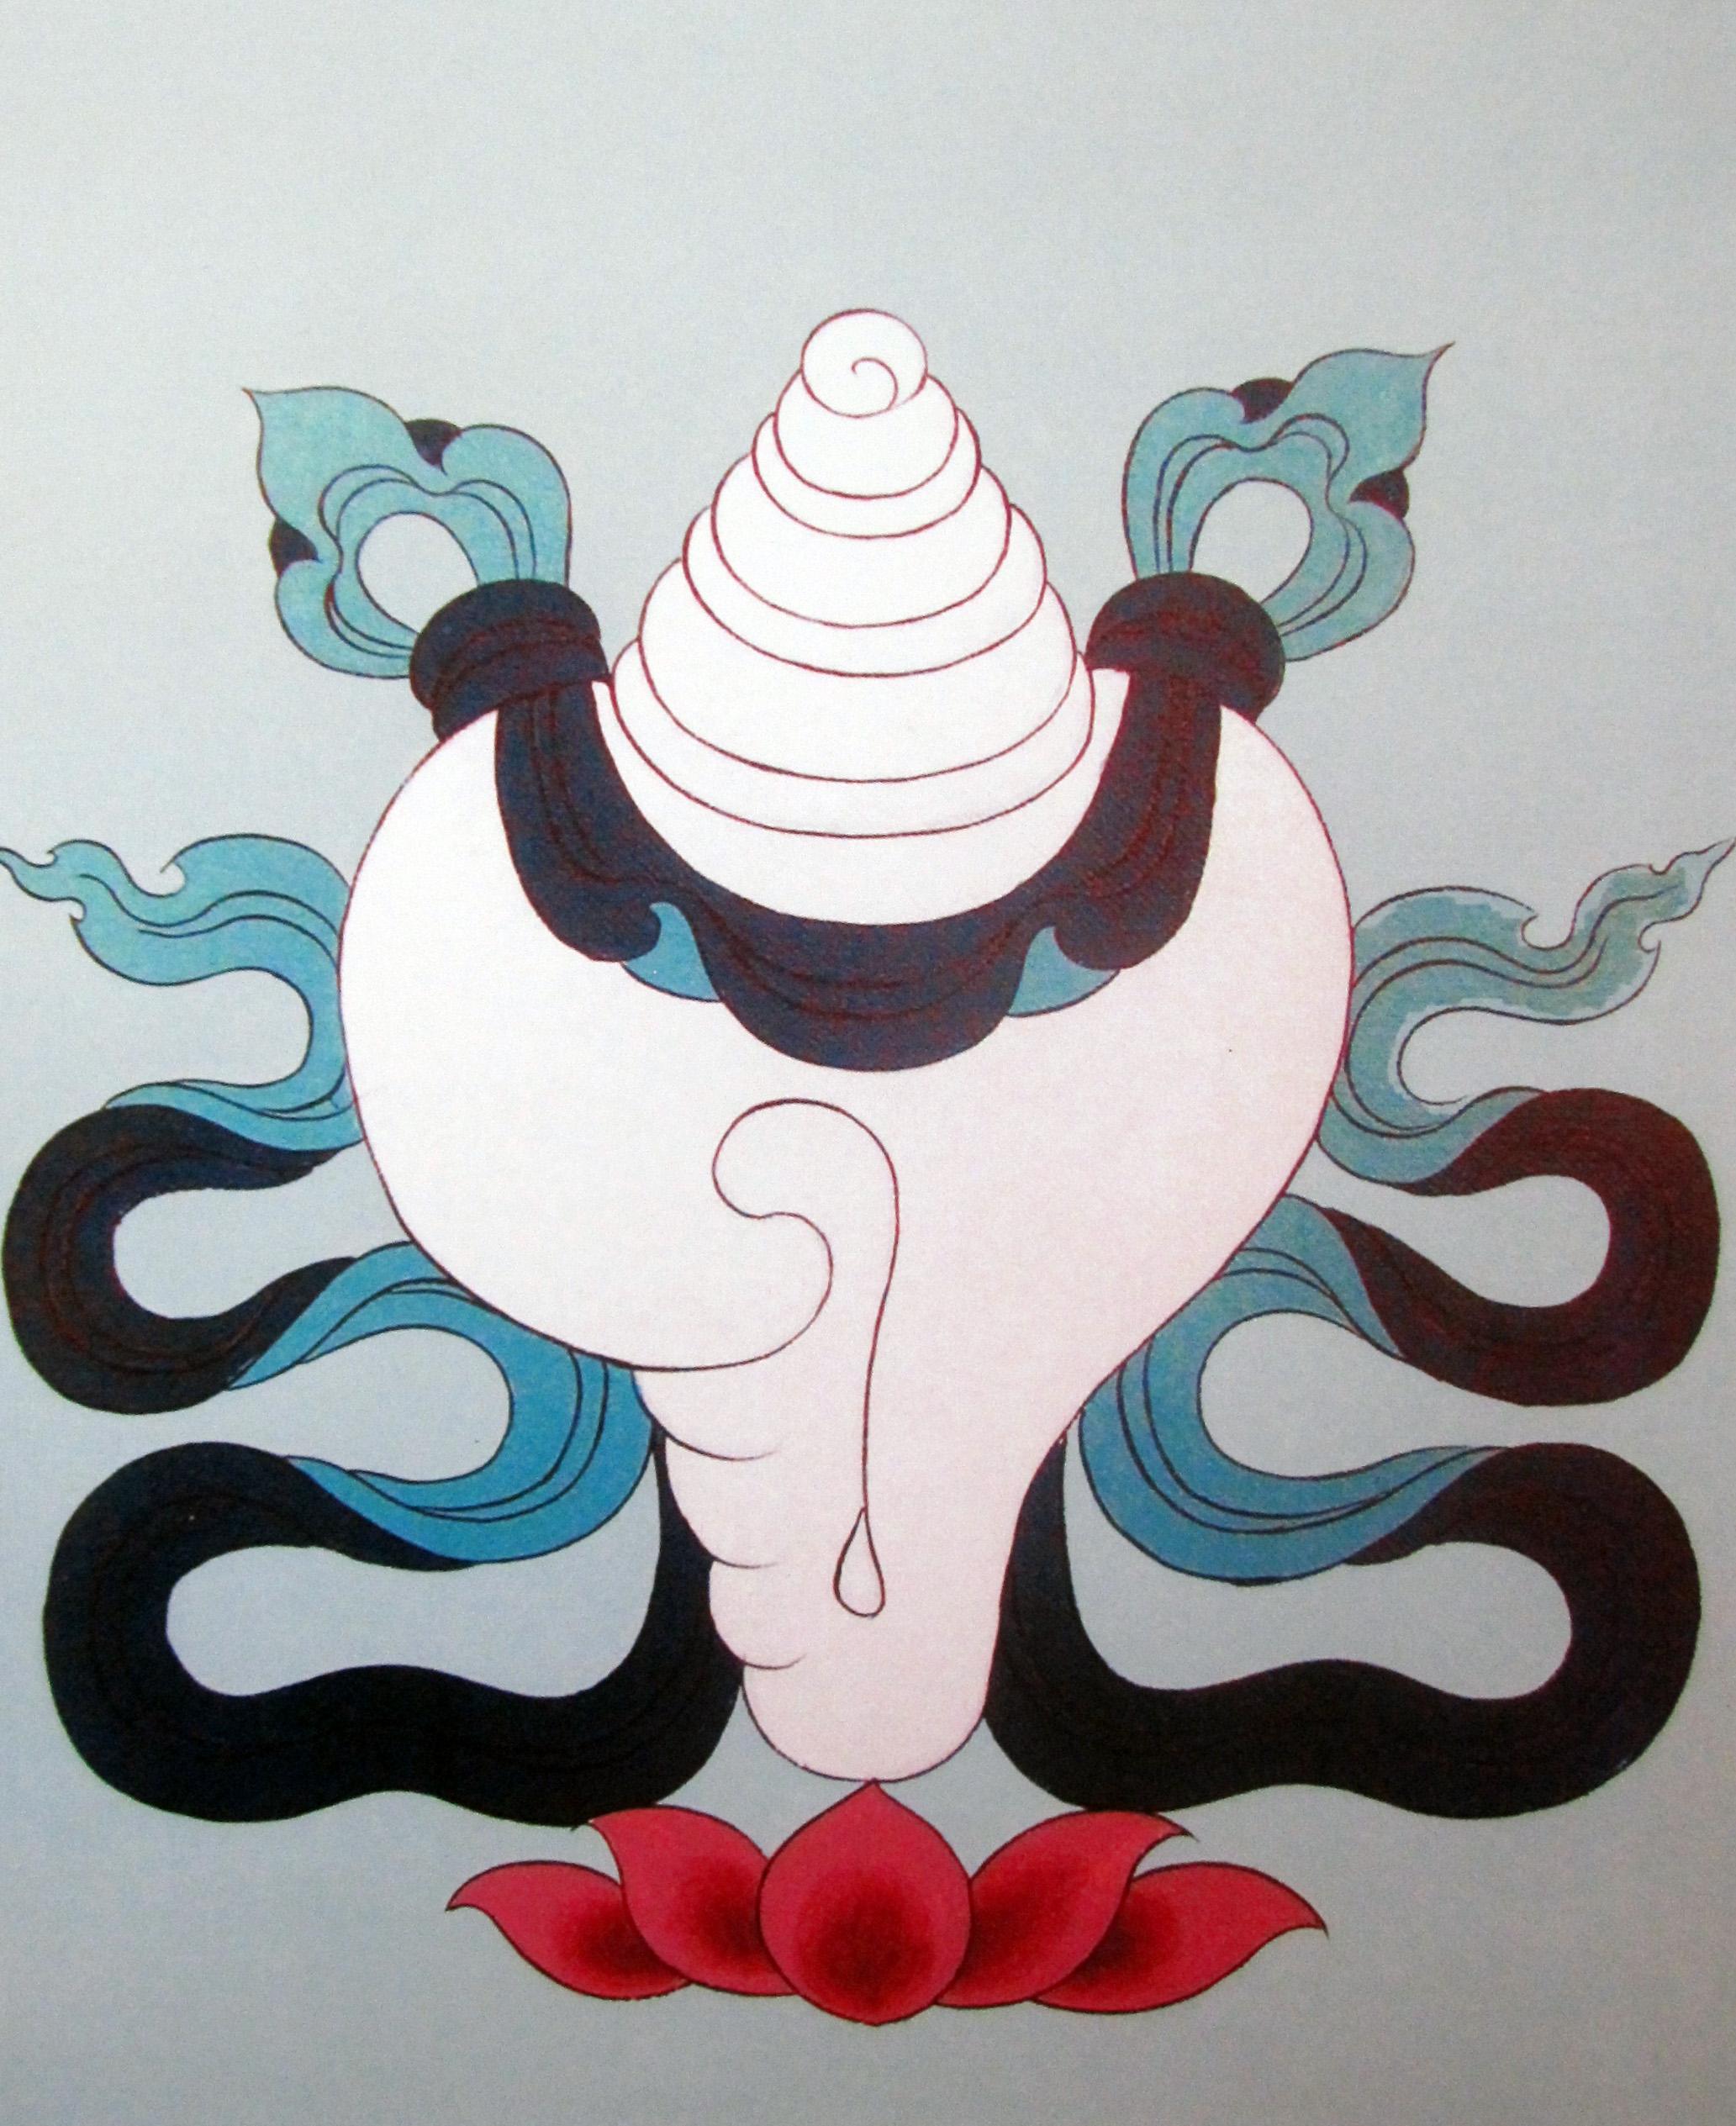 Yungdrung Bon Sacred Symbols Nine Ways